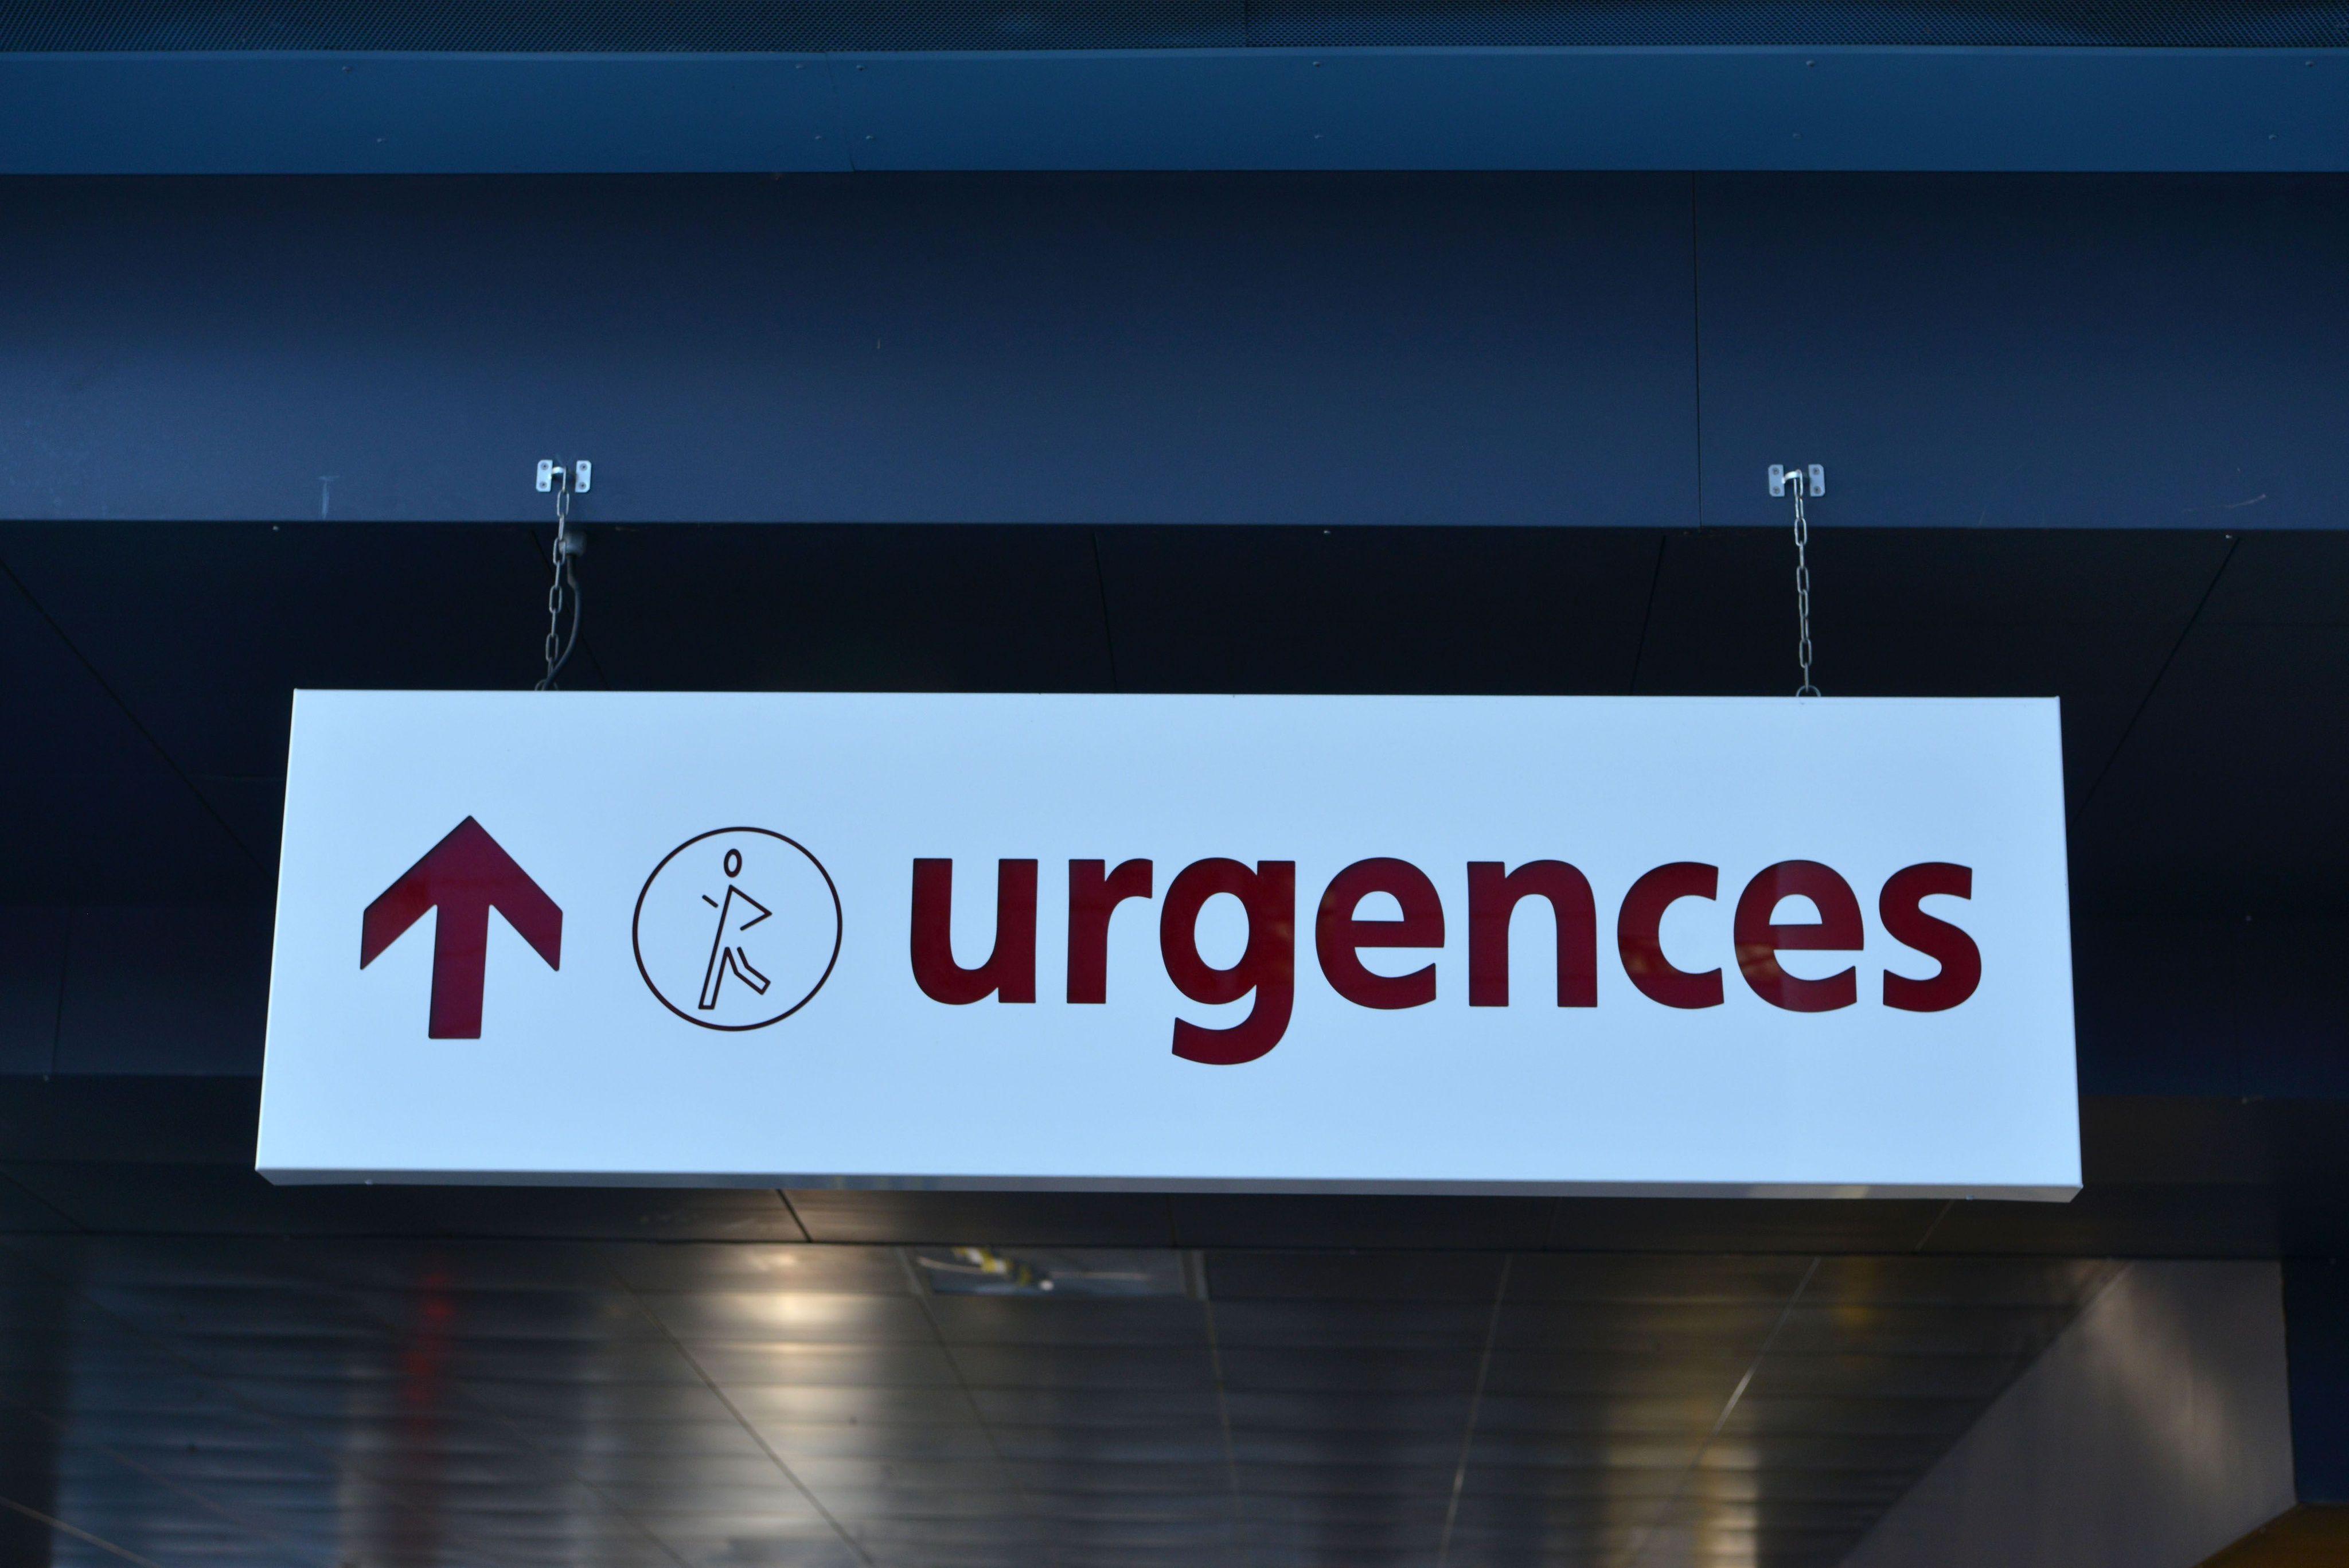 Un panneau indiquant les urgences d'un hôpital (illustration)